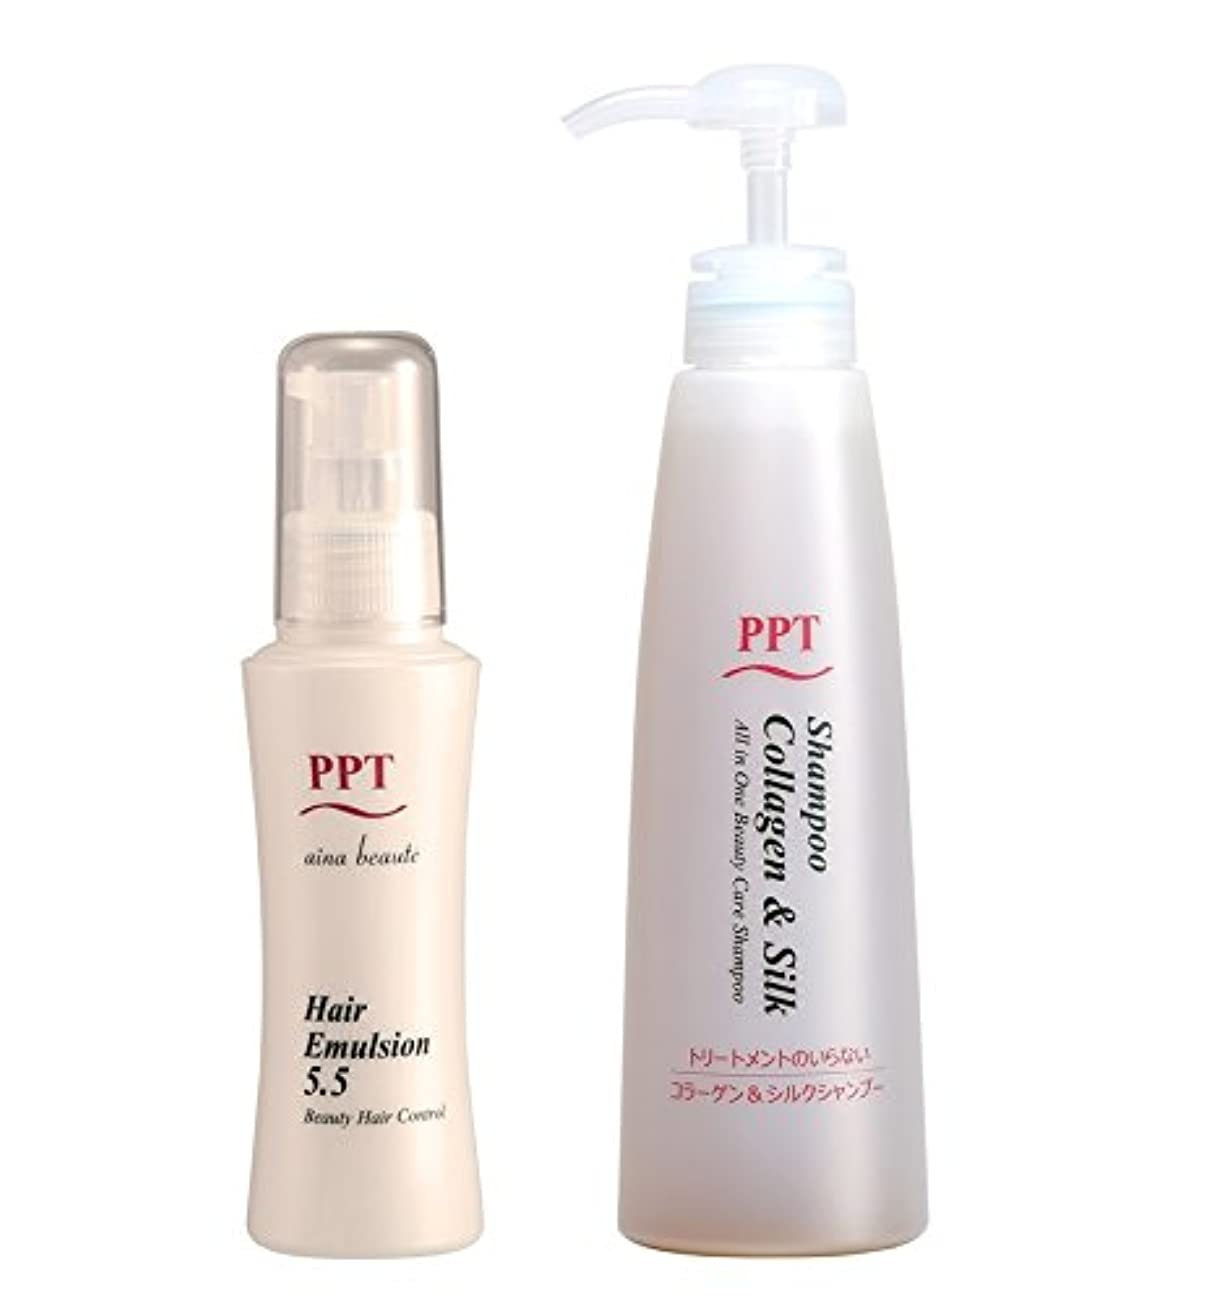 どんよりしたアーカイブ骨折PPTコラーゲン&シルクシャンプー乾燥肌~普通肌用(しっとり),PPTヘアエマルジョン5.5セット